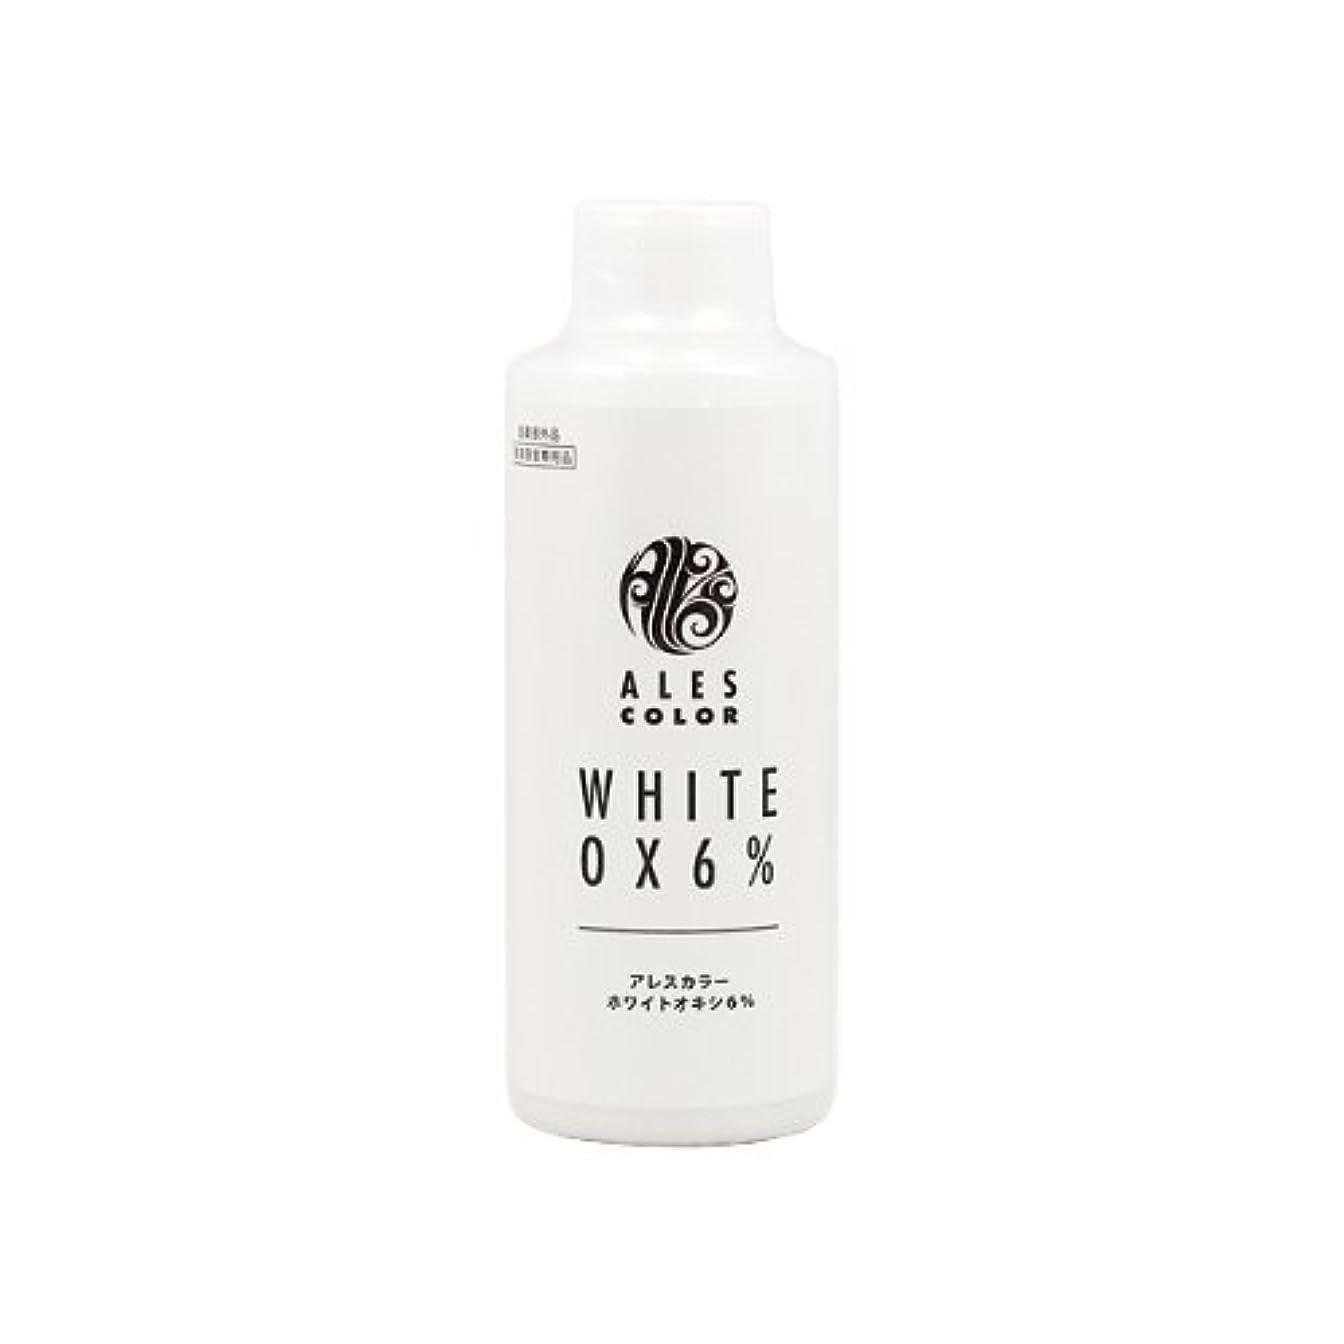 エッセイステレオマンハッタンアレスインターナショナル アレスカラー ホワイトオキシ6% 120ml